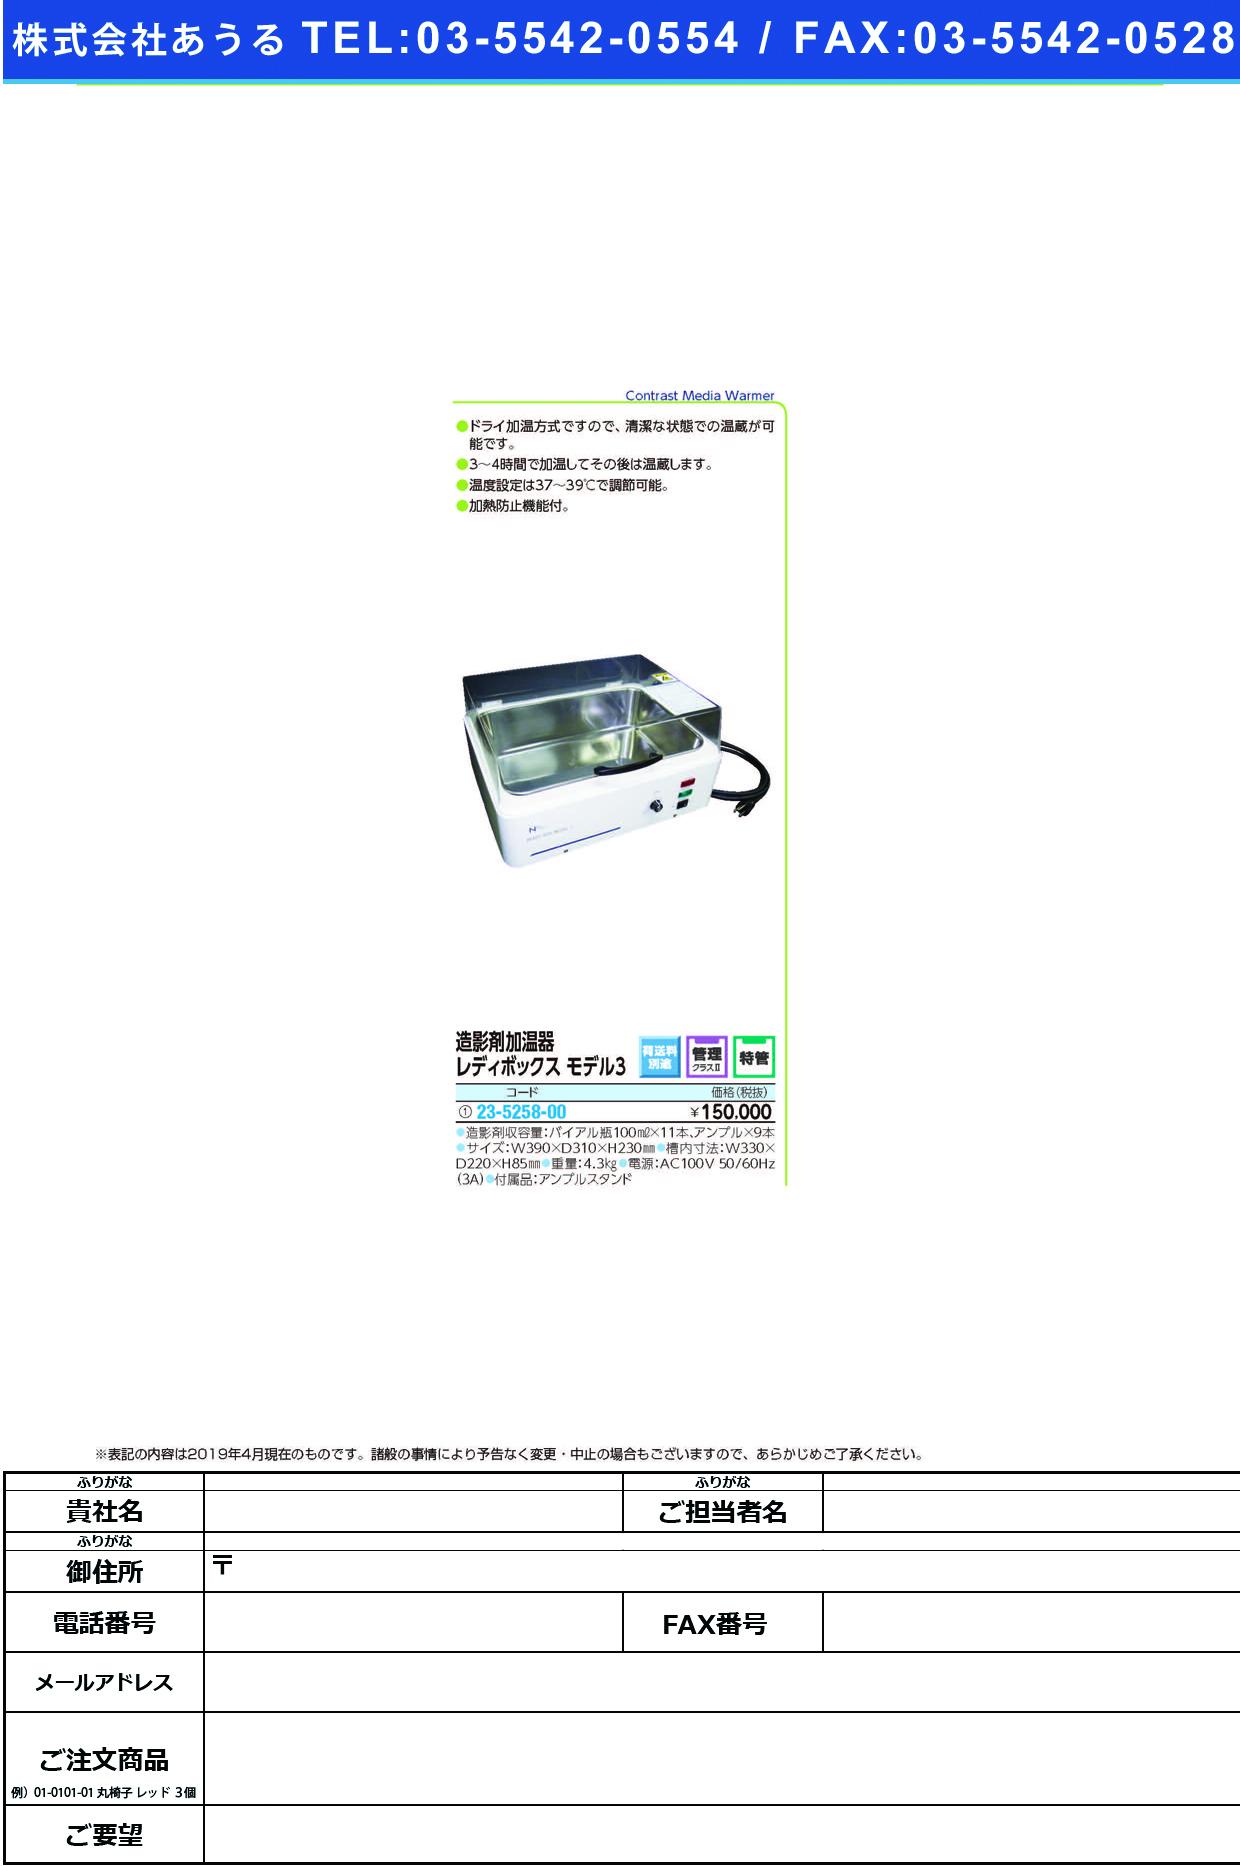 (23-5258-00)造影剤加温器レディボックスモデル3  レディボックスモデル3【1台単位】【2019年カタログ商品】